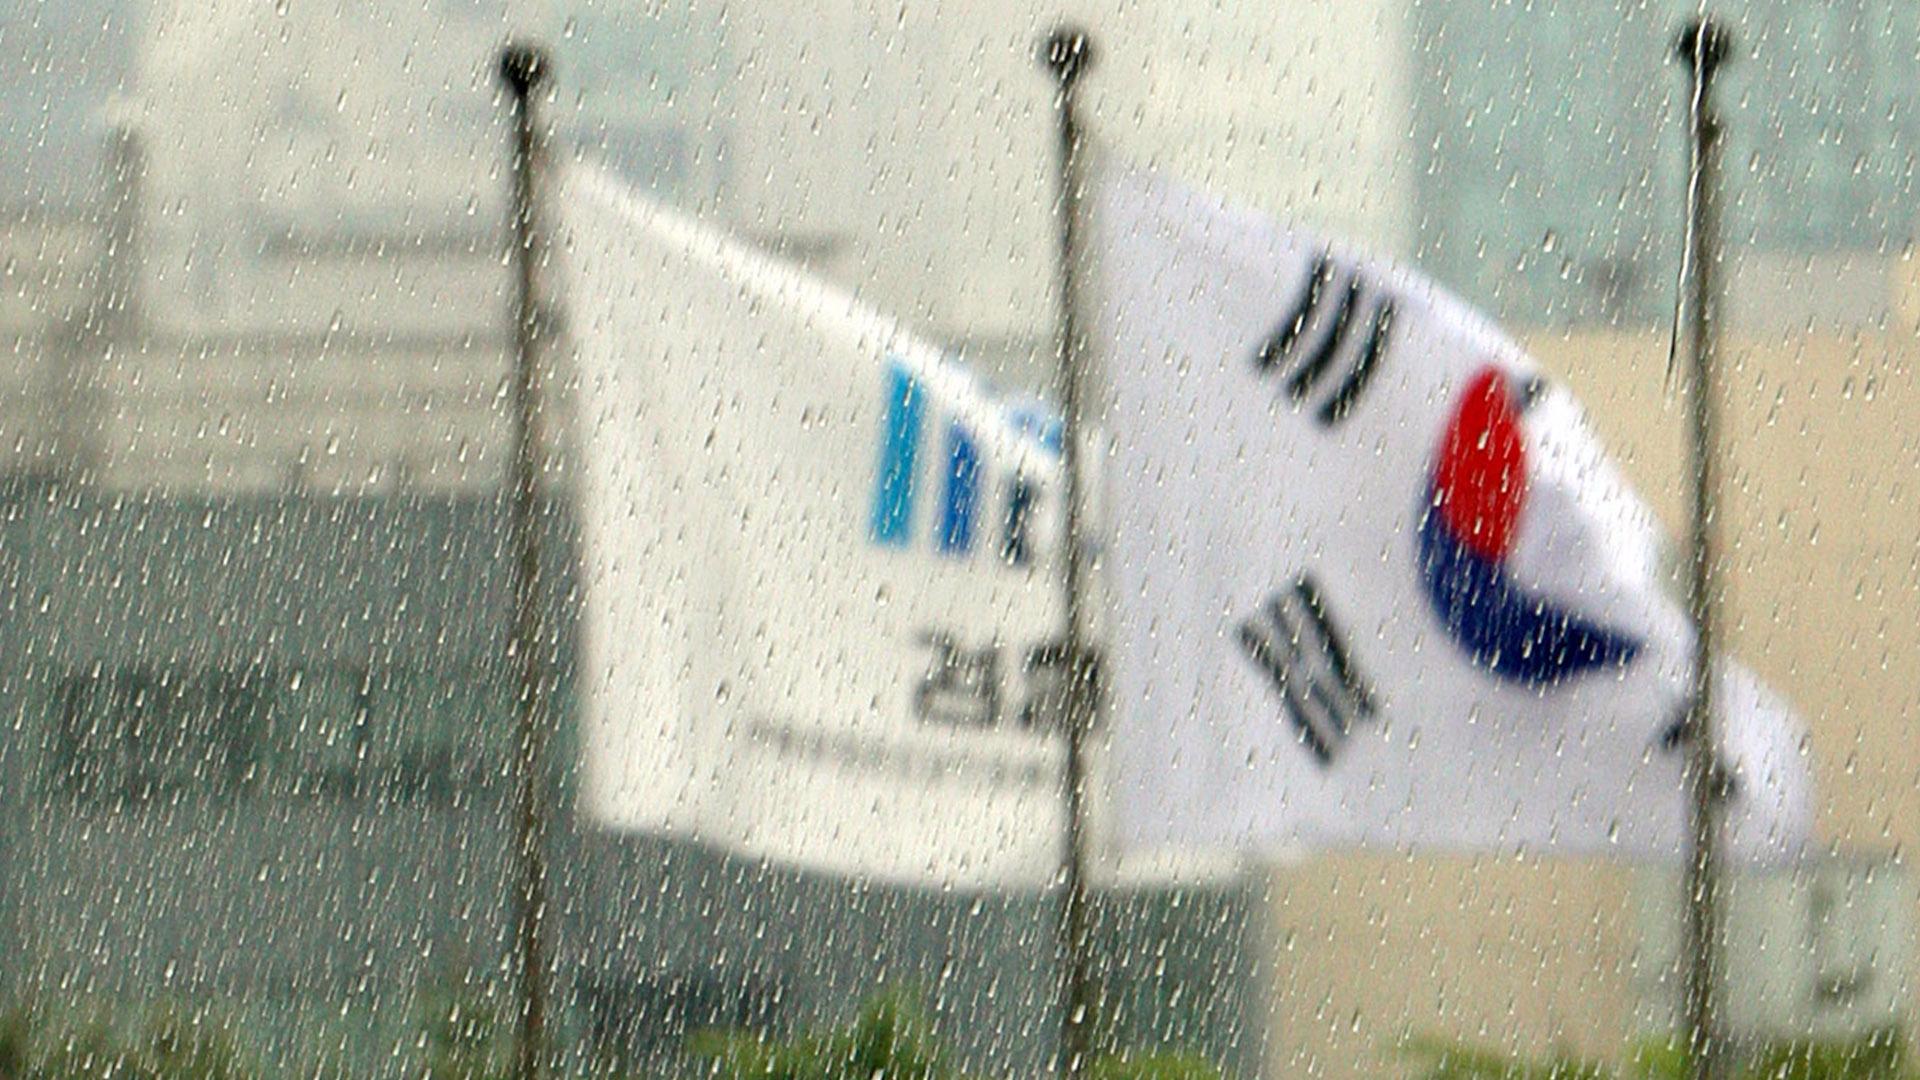 검찰, 신천지 사건 신속 배당…강제수사 나서나